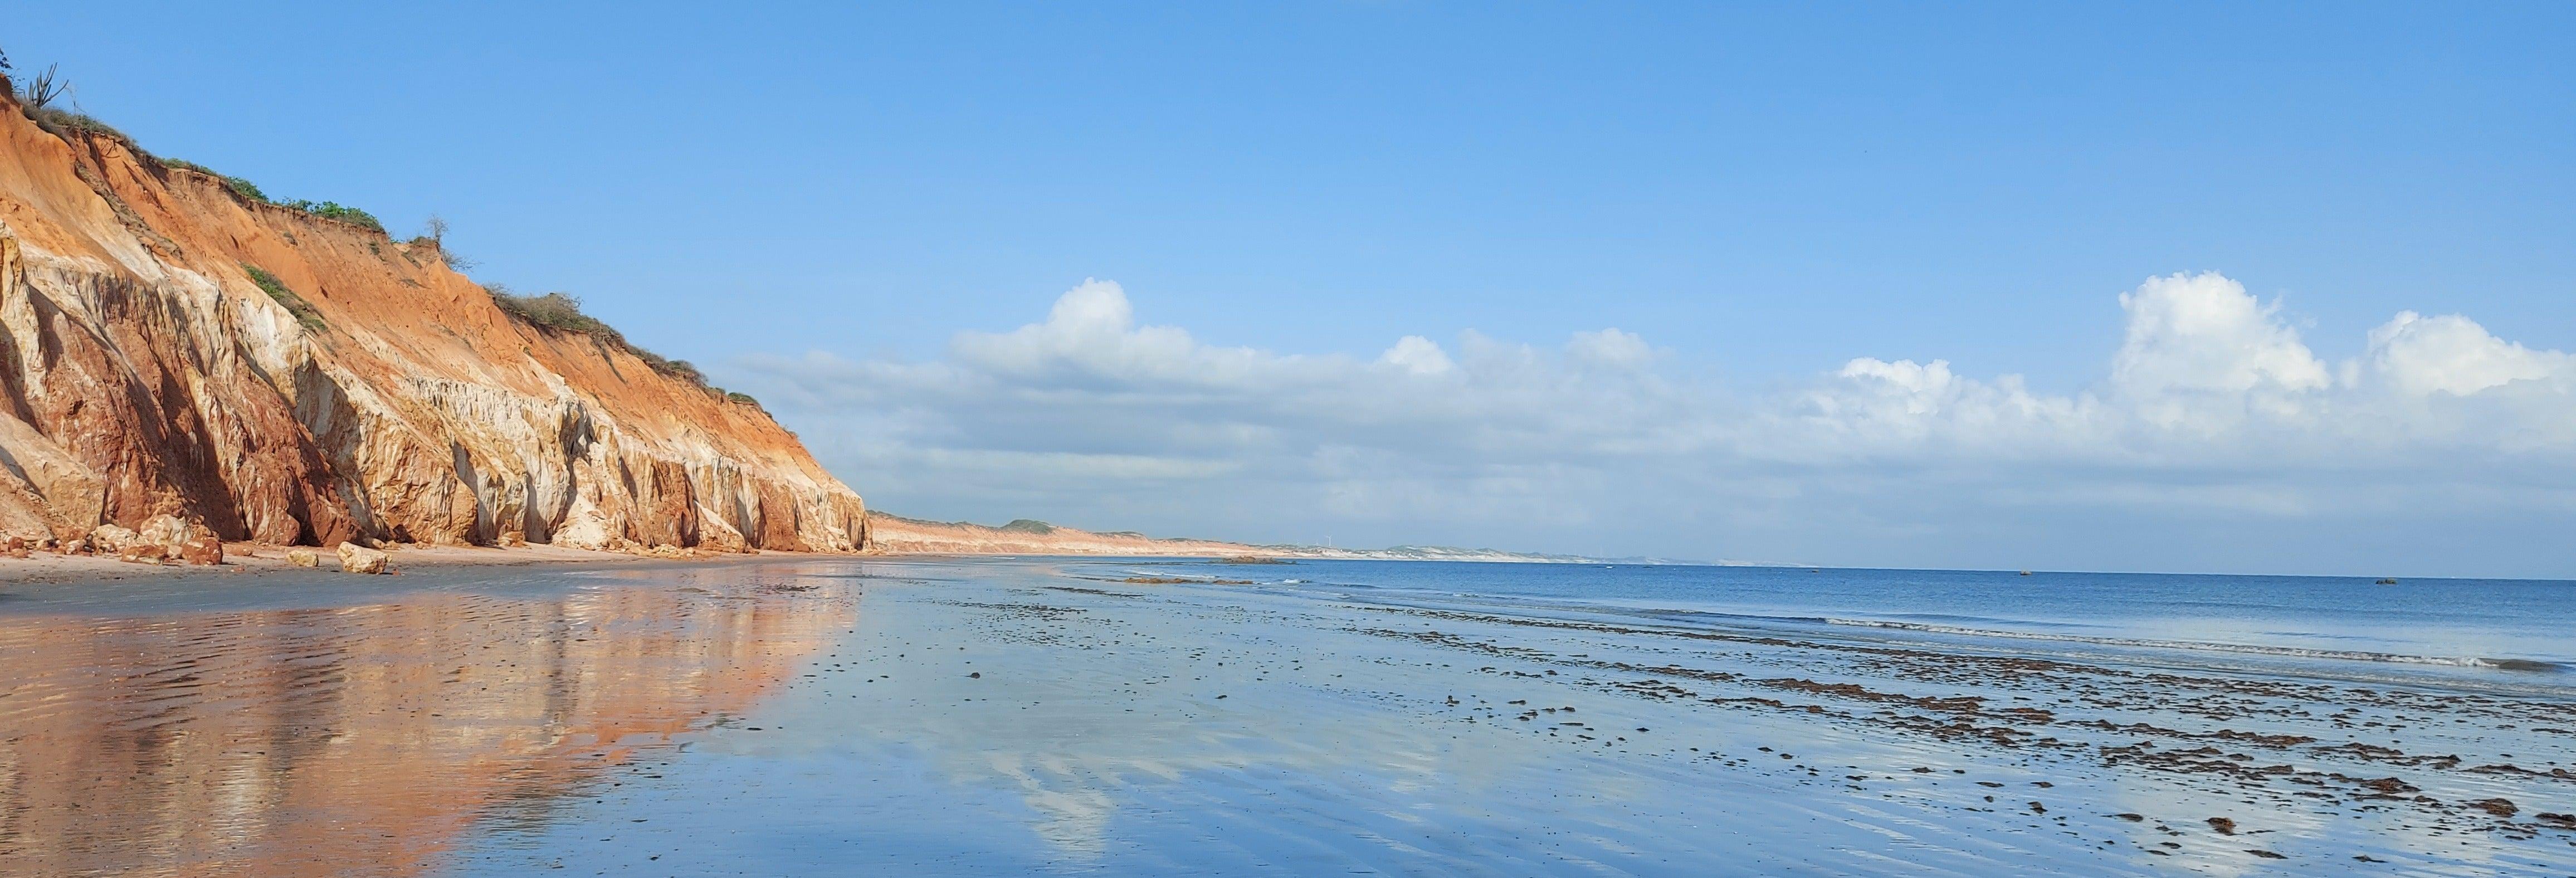 Visite des plages de Ceará